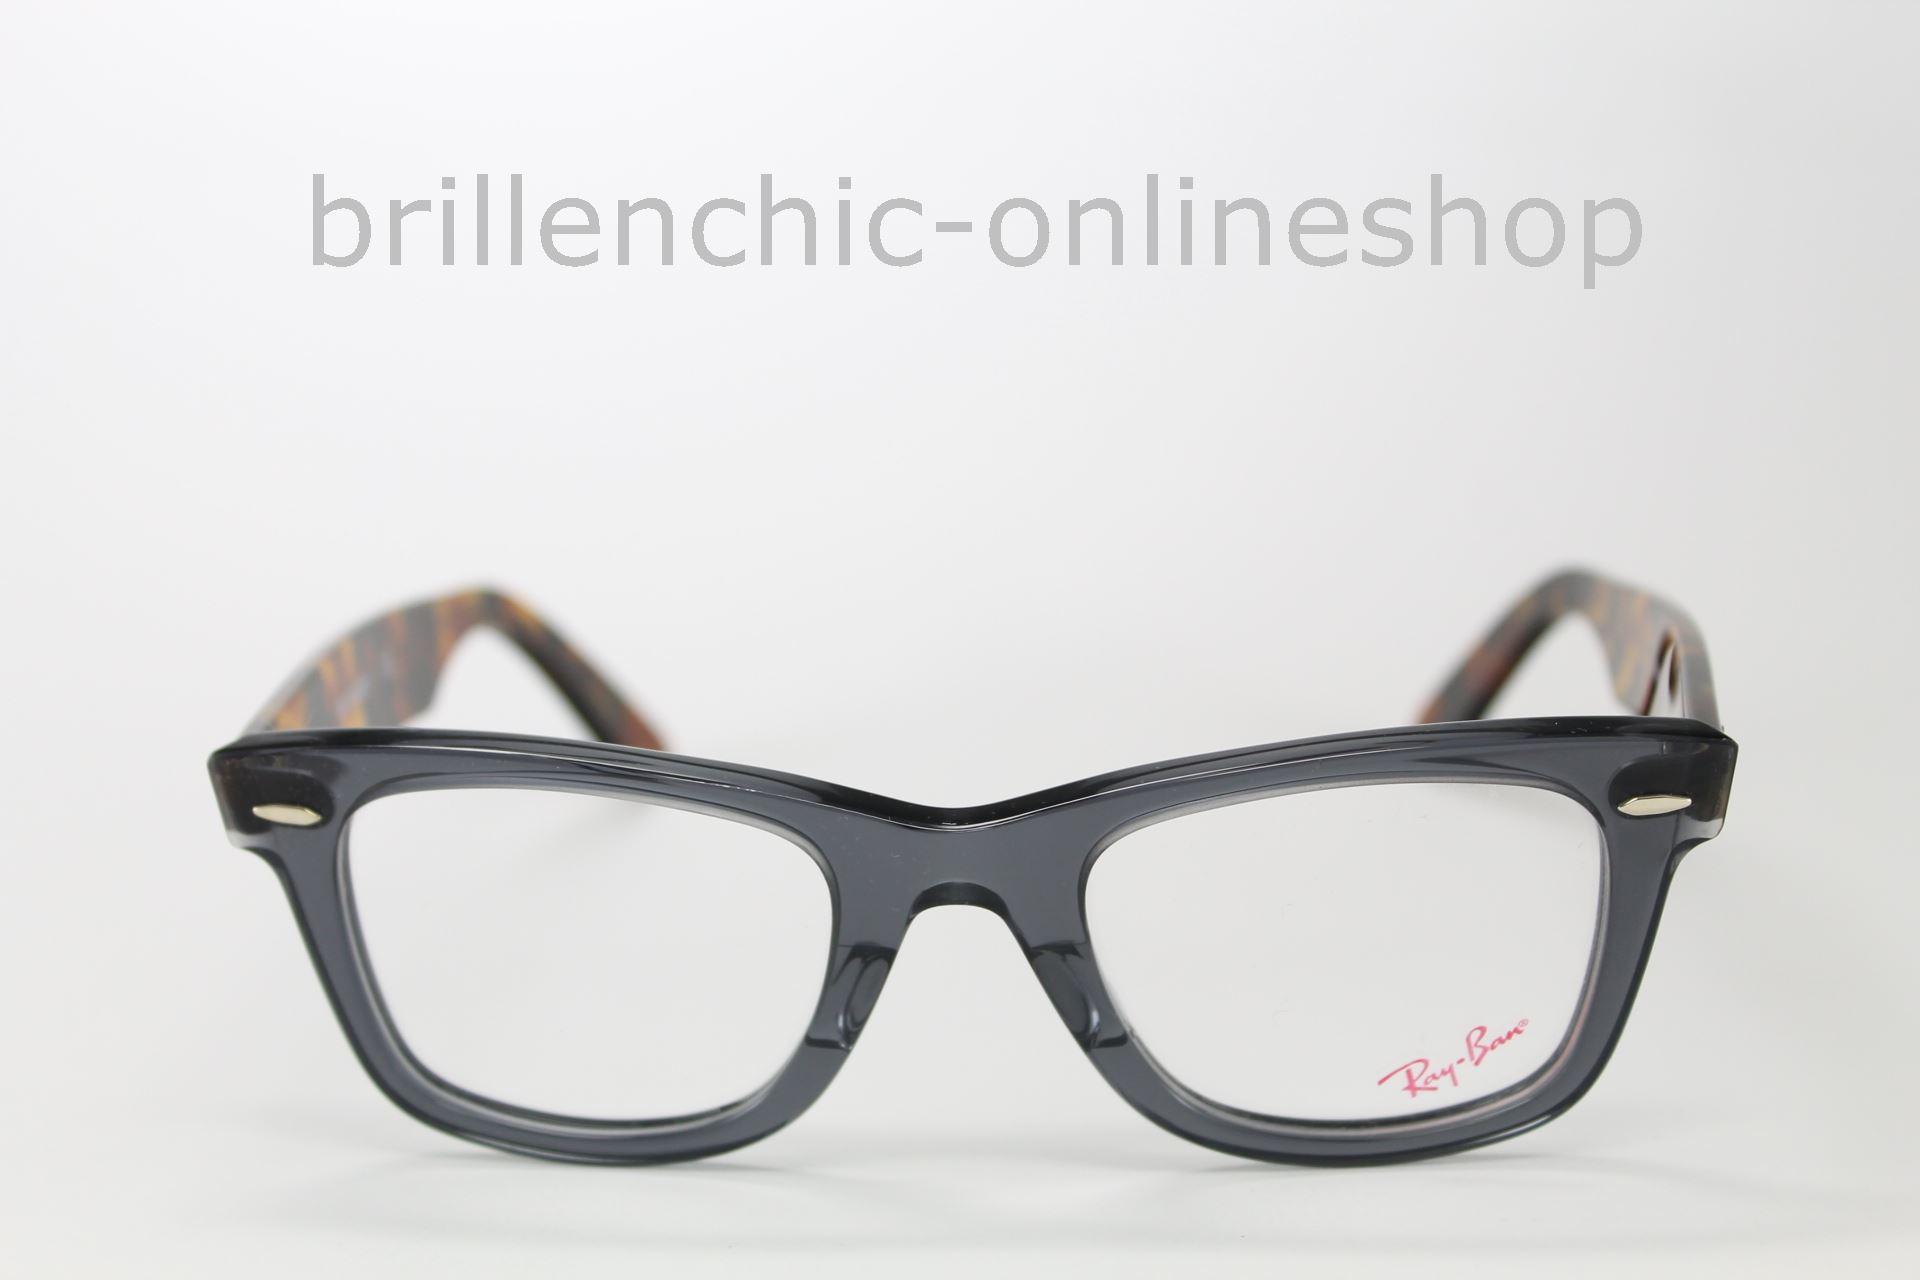 2fdf82f3c6 Brillenchic - onlineshop Berlin Ihr starker Partner für exklusive Brillen  online kaufen/Ray Ban RB 5121 5629 WAYFARER exklusiv im Brillenchic- Onlineshop